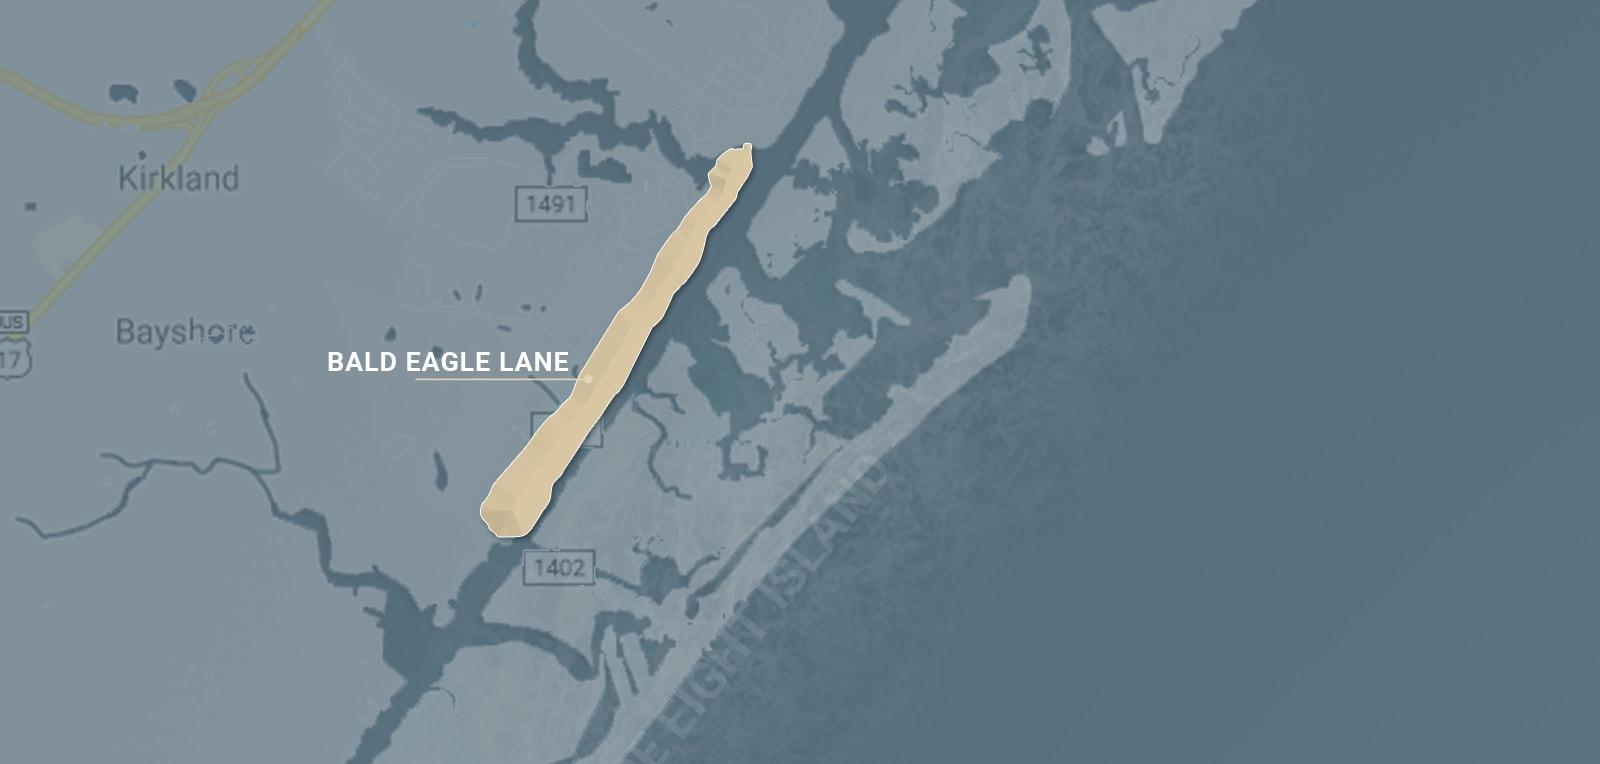 Bald Eagle Lane